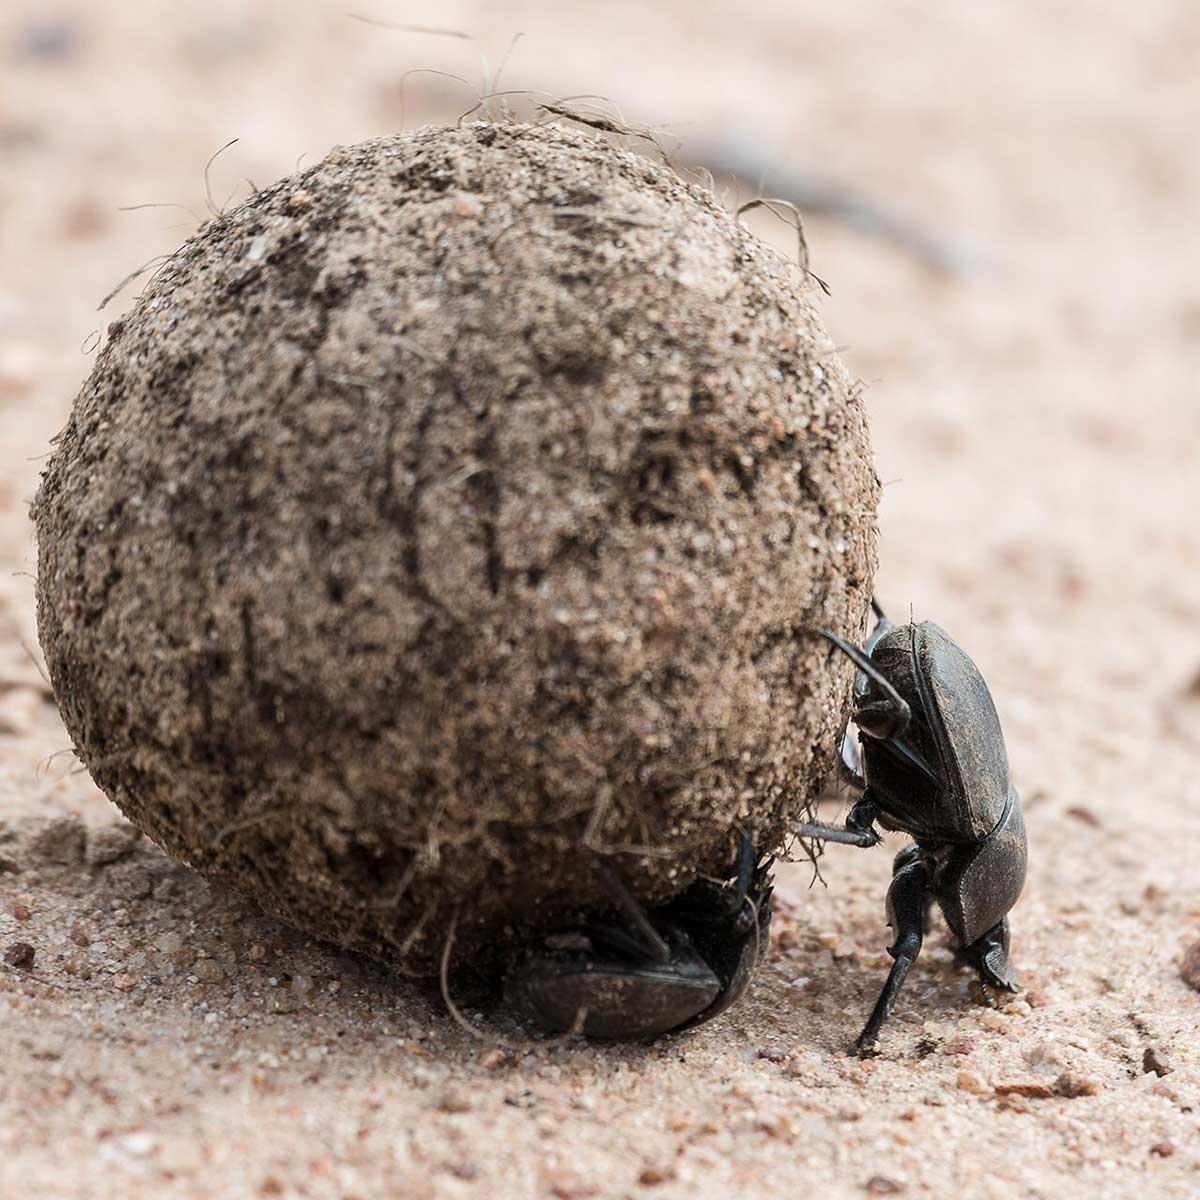 Dung Beetles in Klaserie